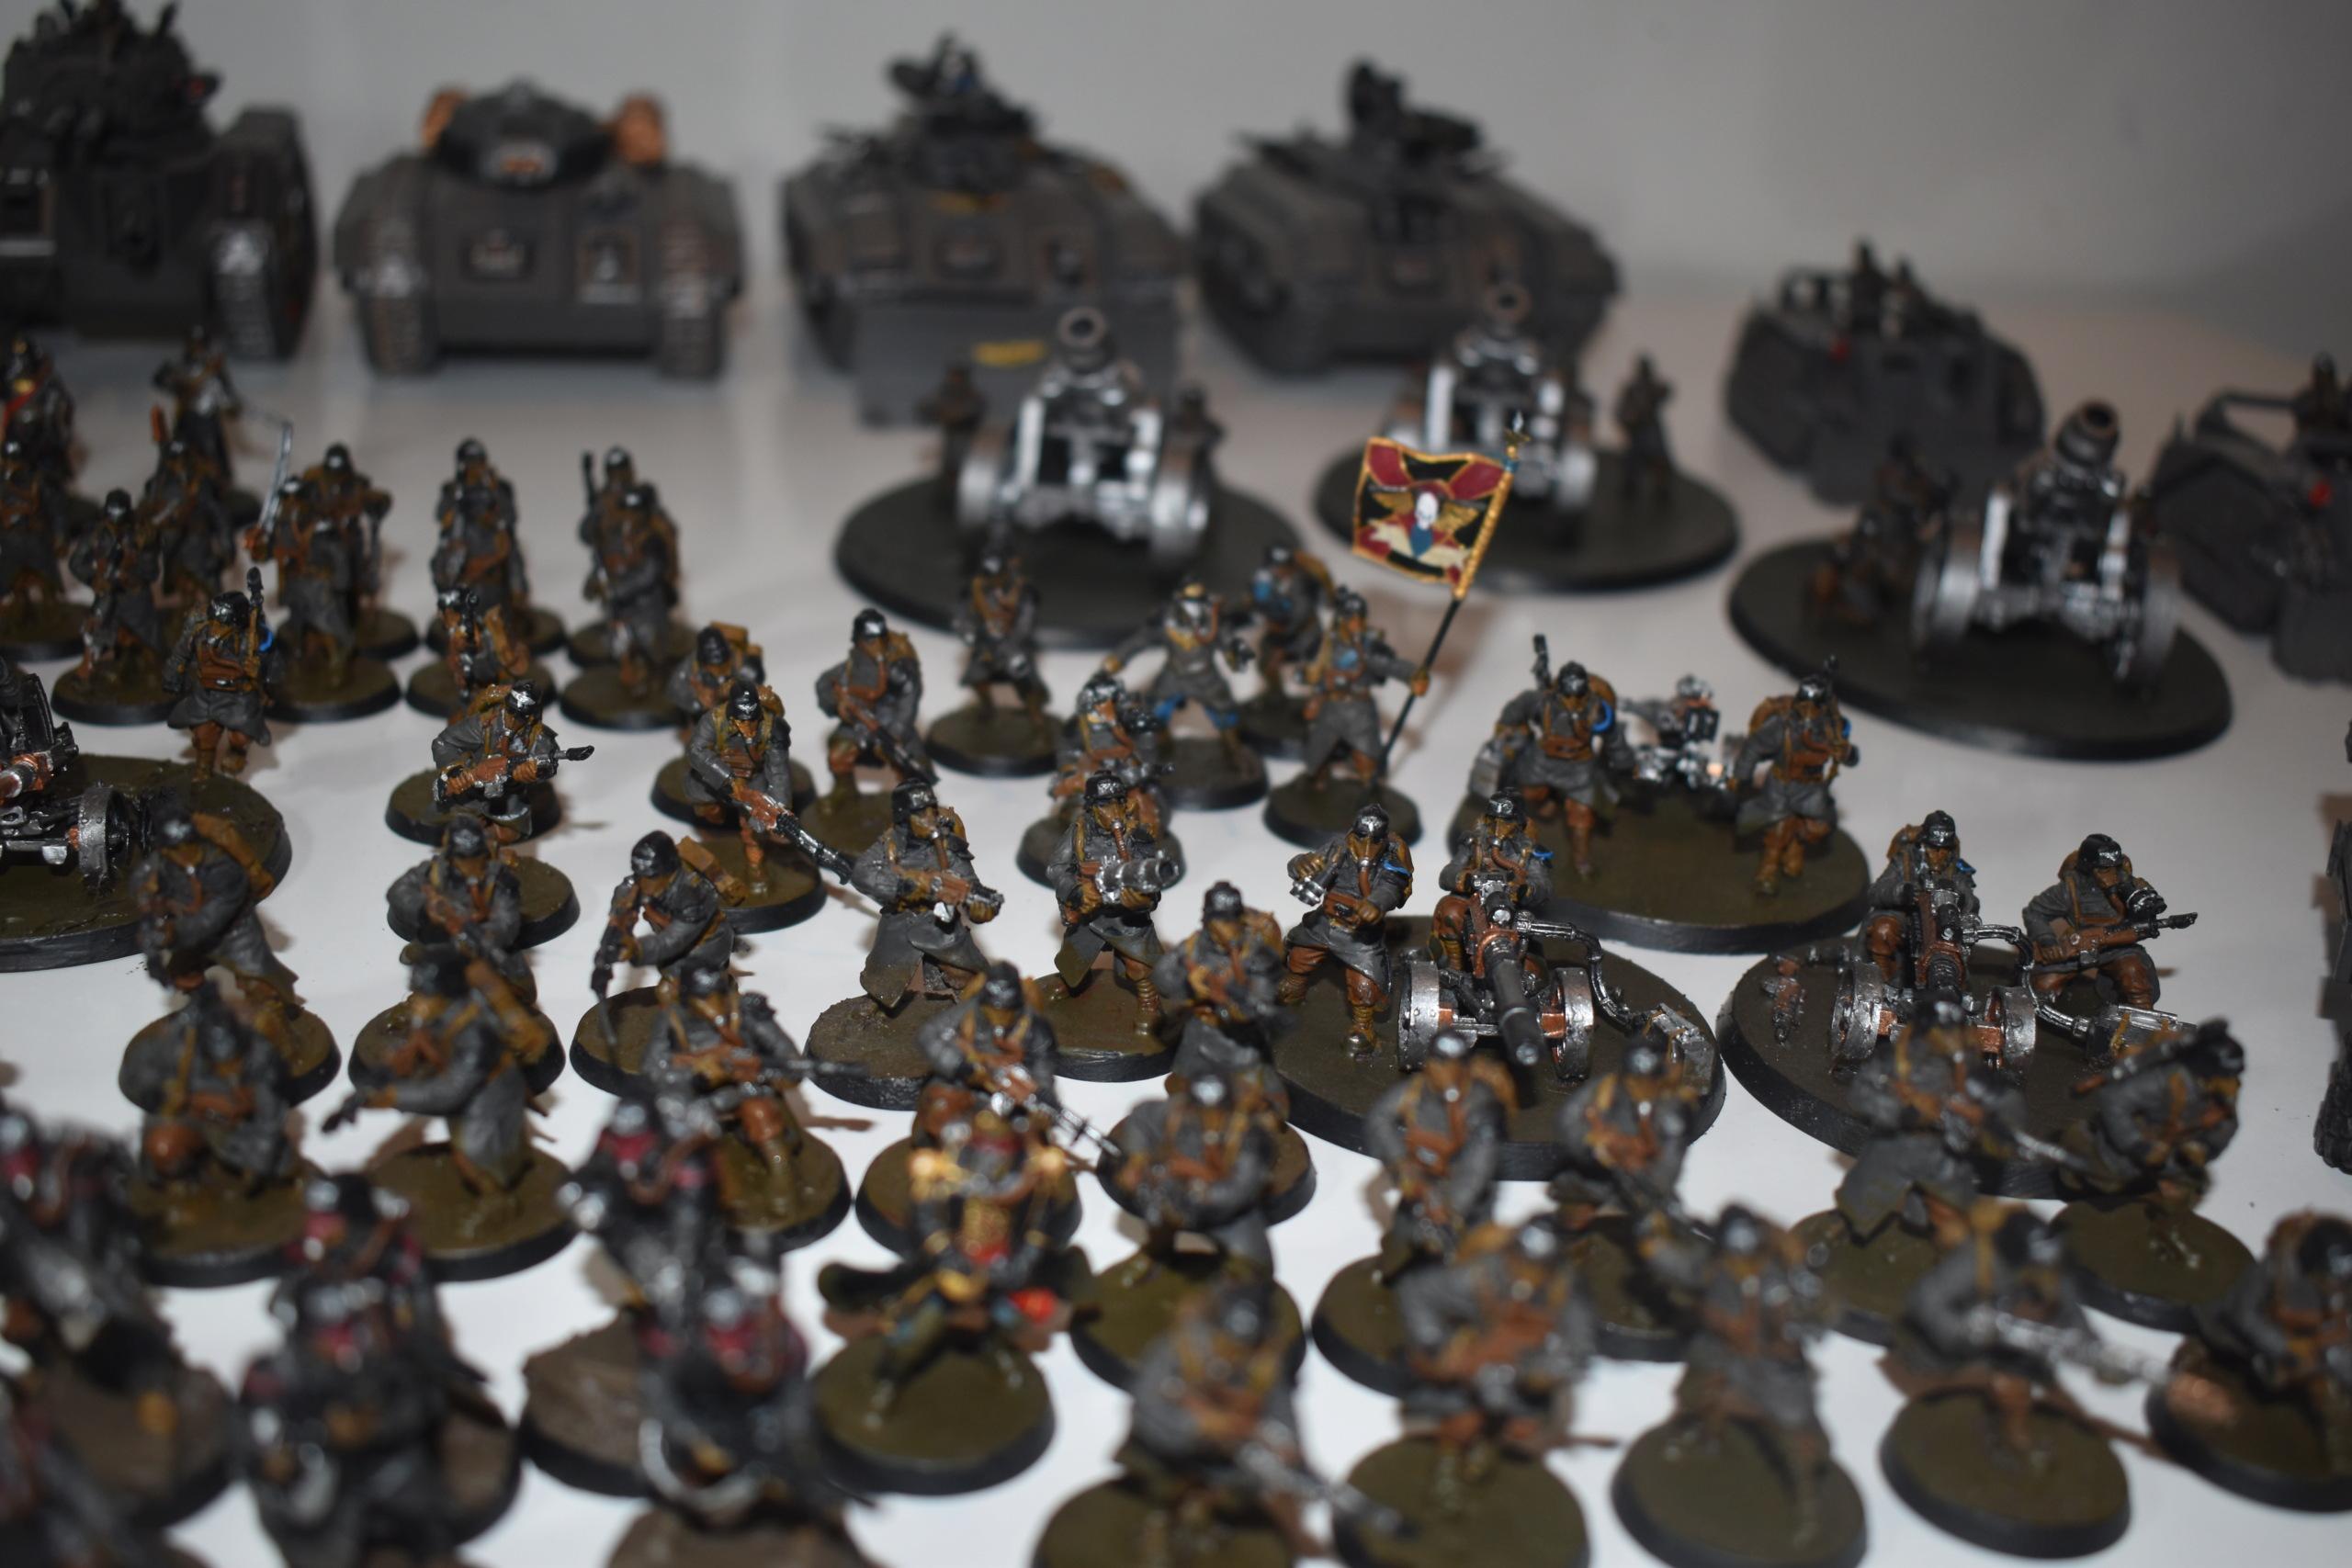 Les Armées de Nico. (Battle, 40K & HH) - Page 6 Dsc_0247